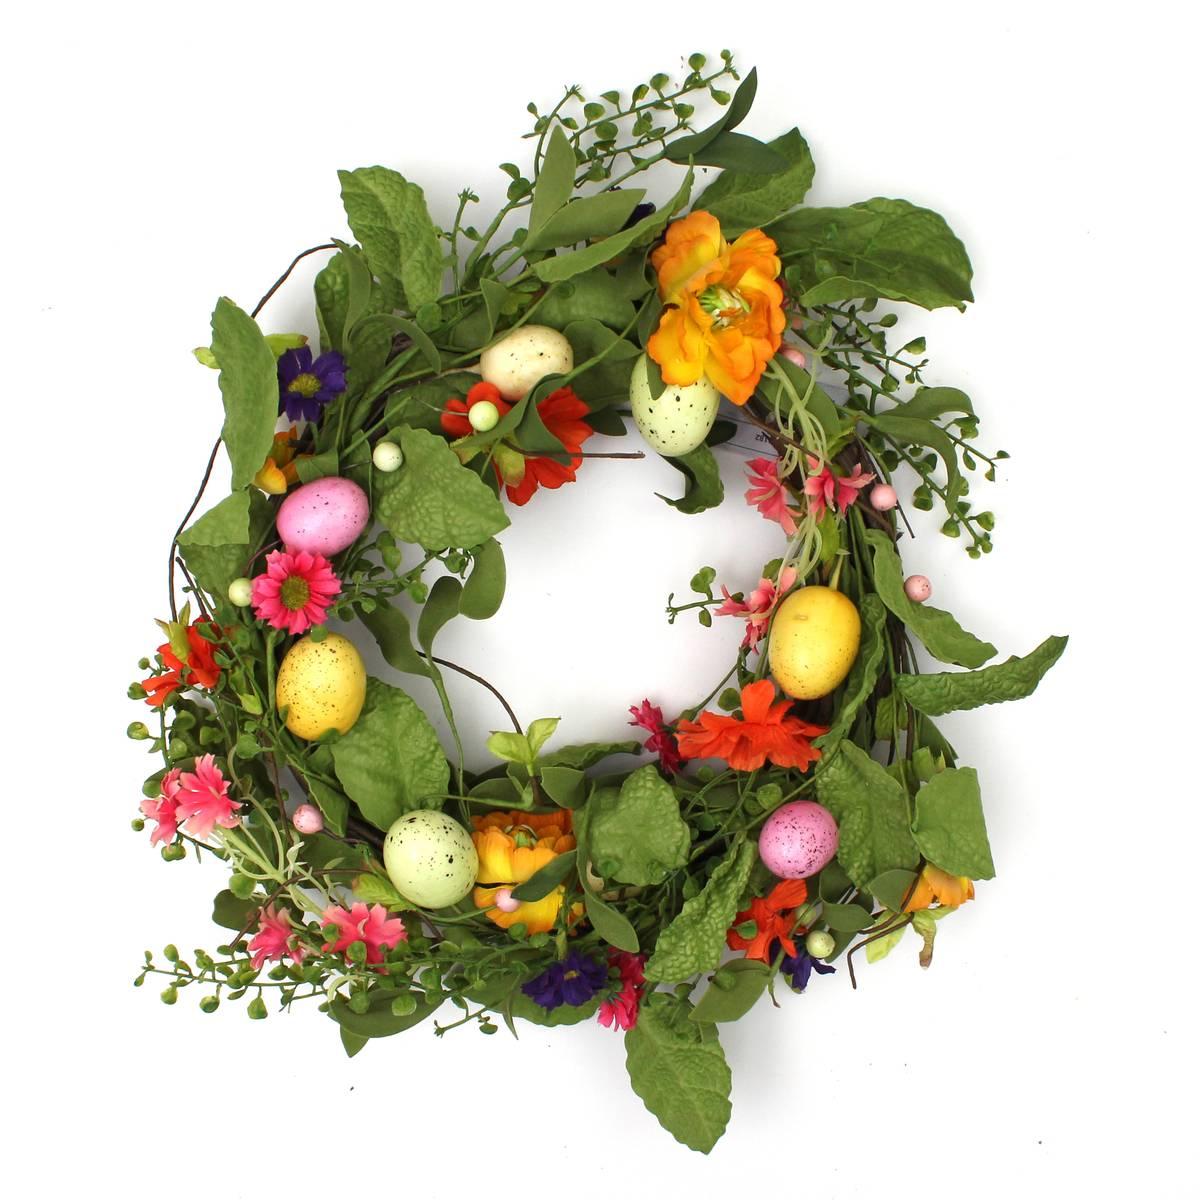 centrotavola-pasquale-fiori-